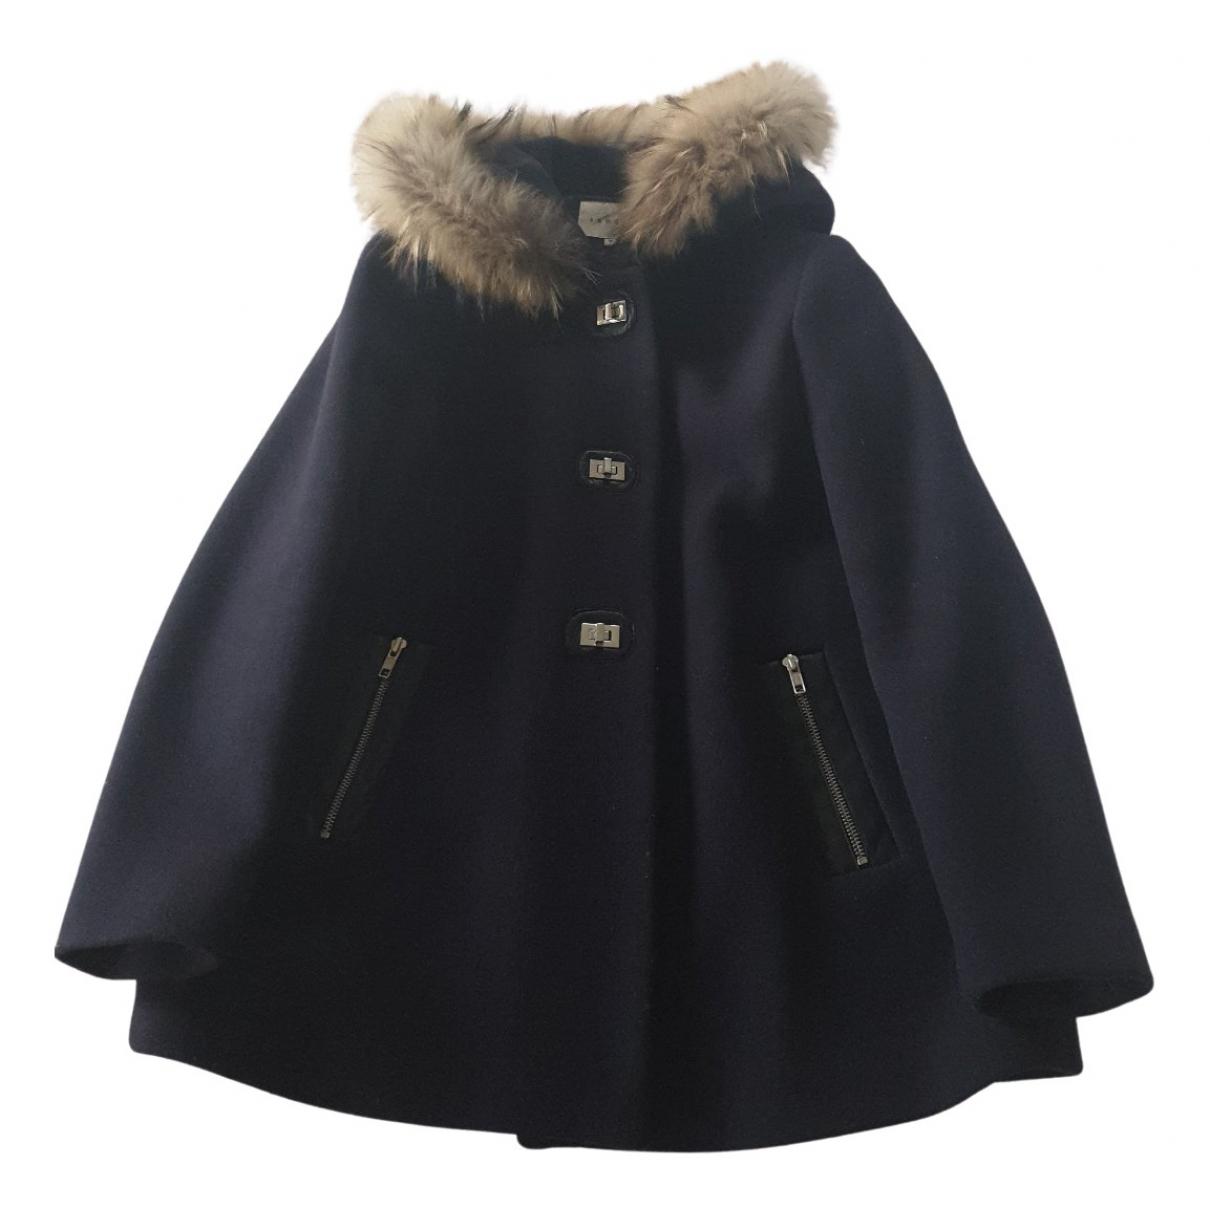 Sandro Fall Winter 2019 Navy Wool coat for Women 36 FR